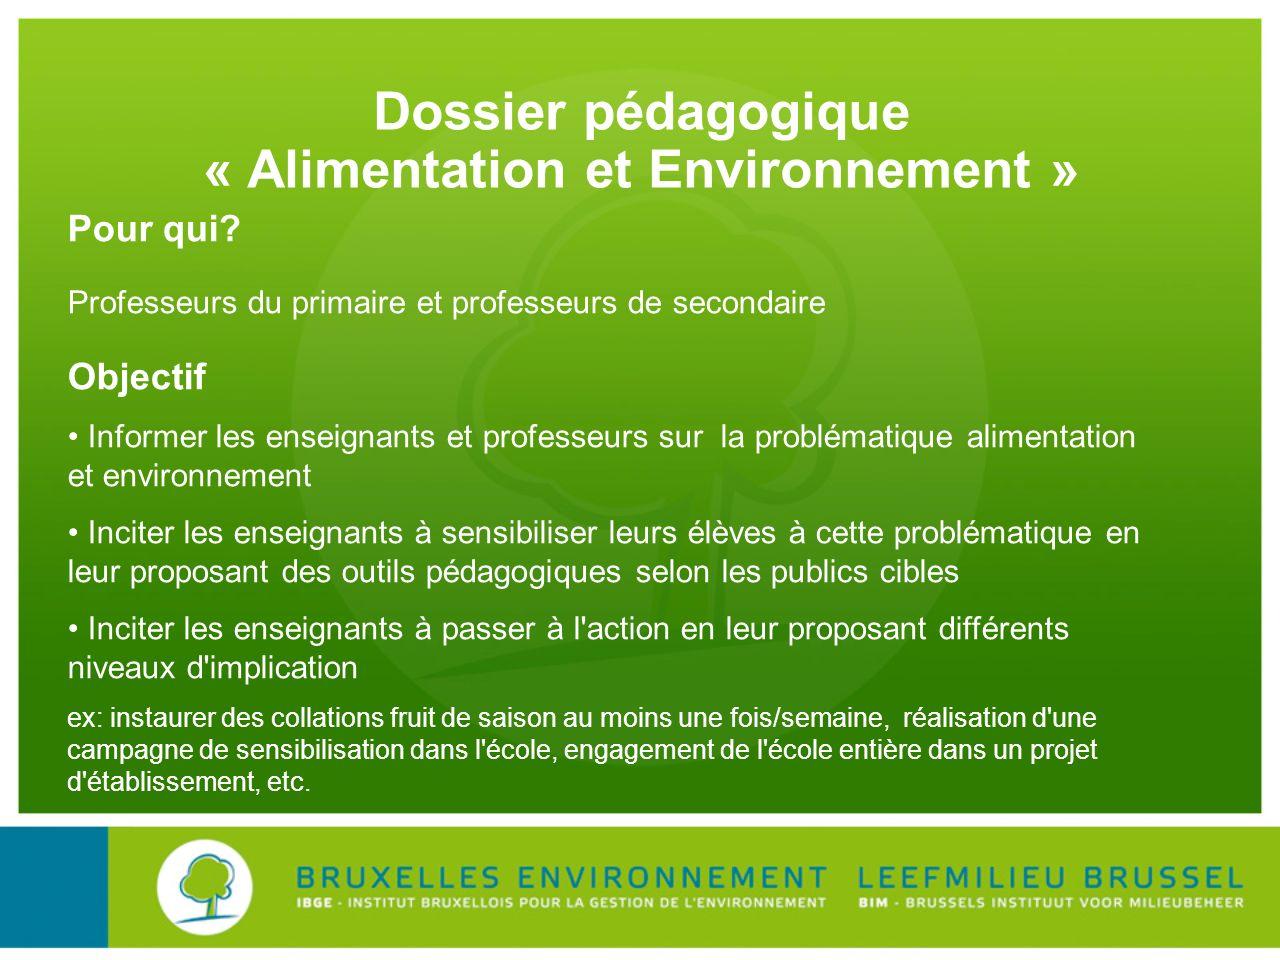 Dossier pédagogique « Alimentation et Environnement »